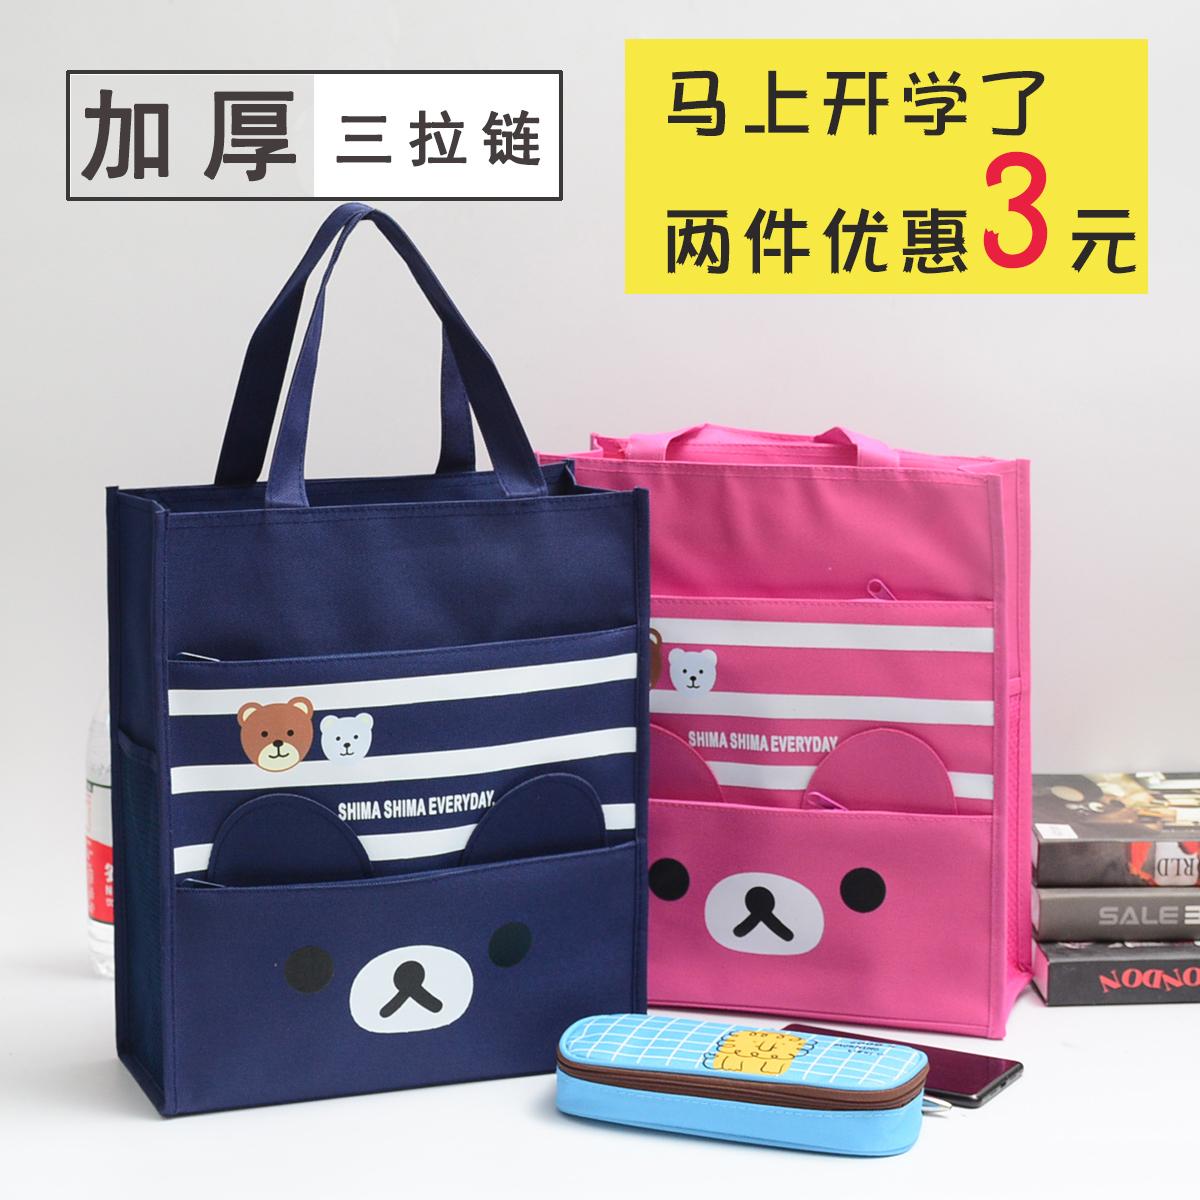 粉红色帆布包 小学生补习袋中学生手提袋帆布书袋儿童补课包单肩手提书包学习袋_推荐淘宝好看的粉红色帆布包